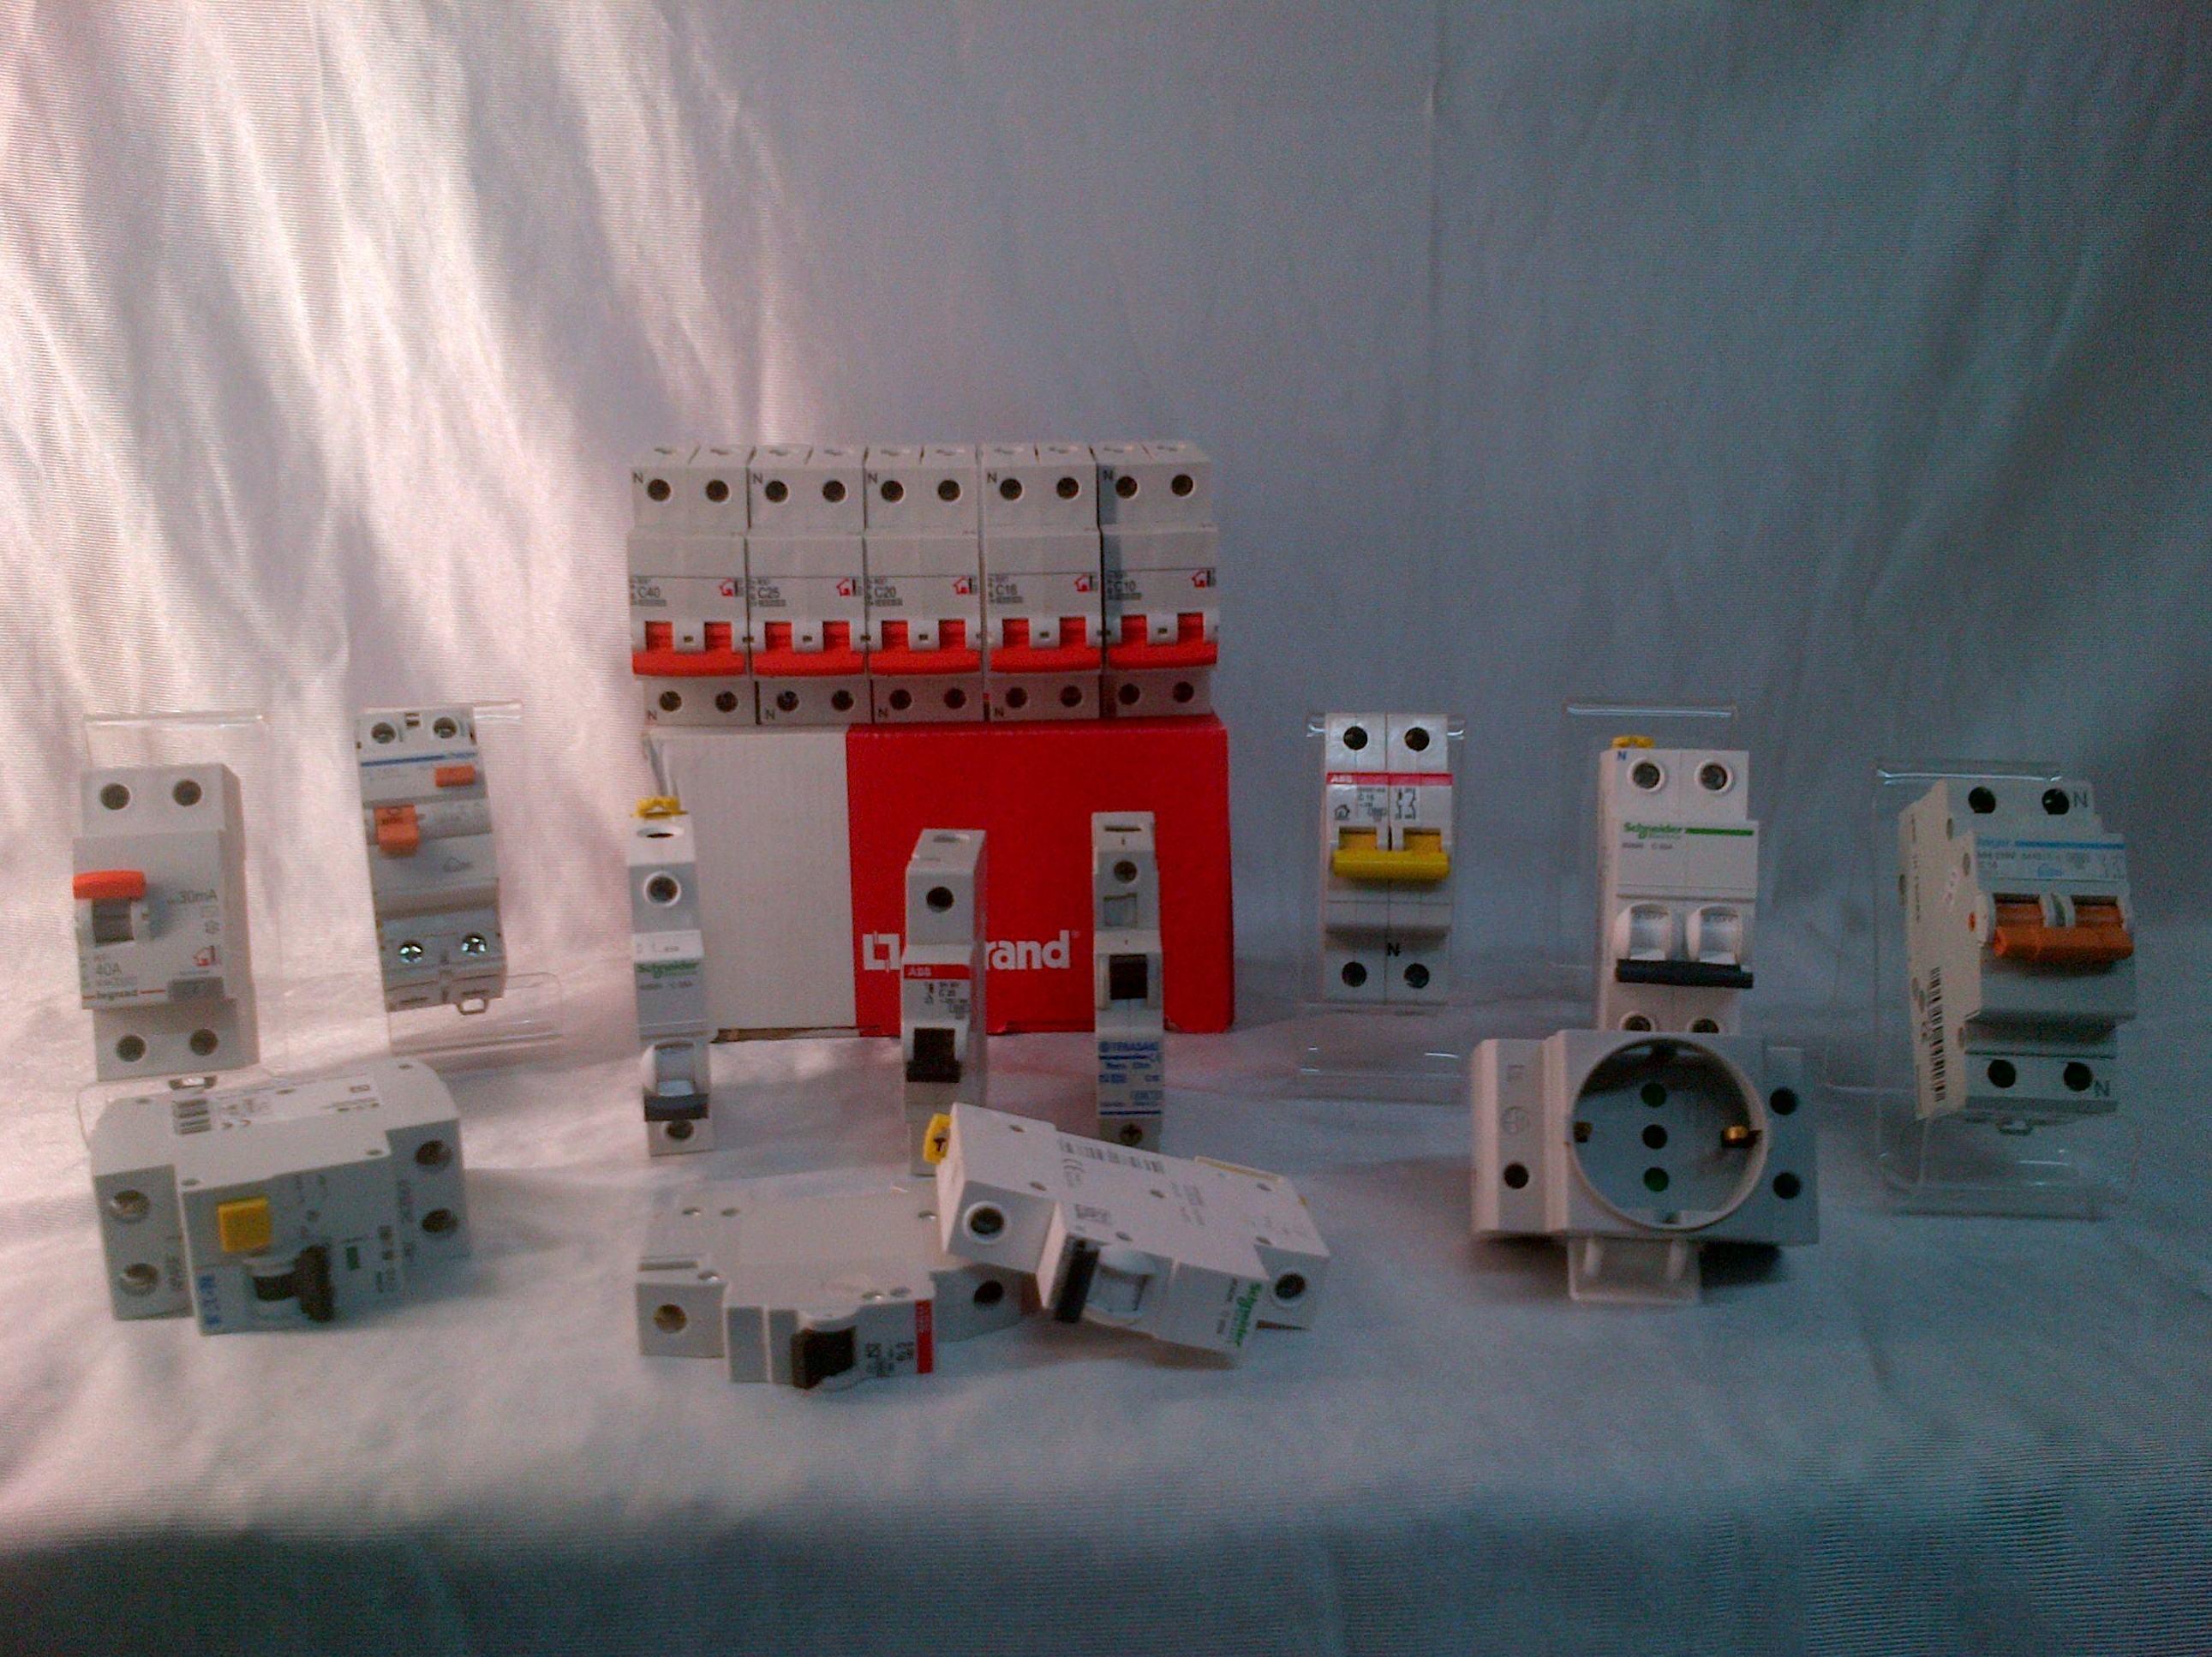 Venta de material eléctrico en Pamplona